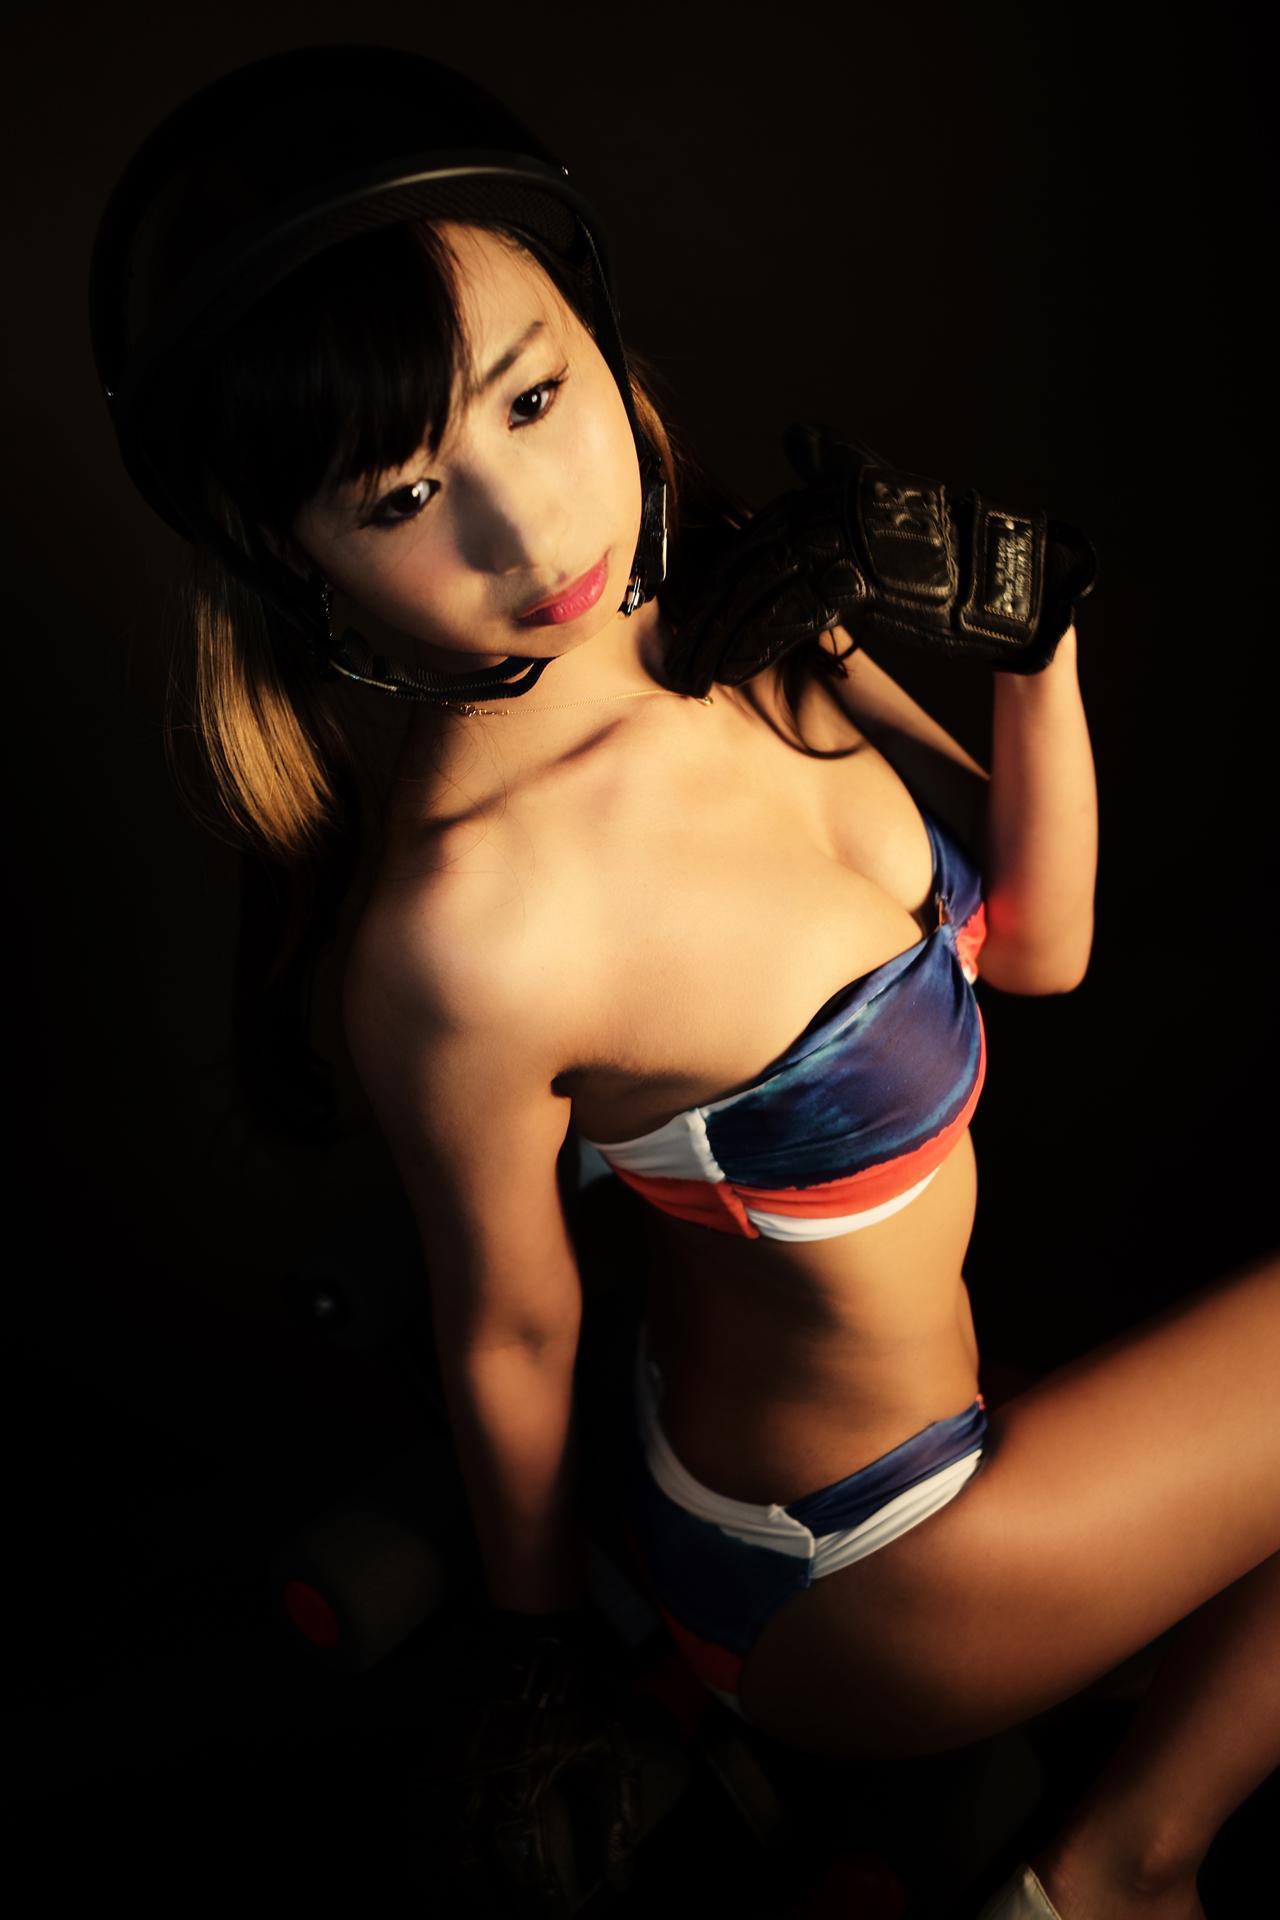 画像1: グラビア【ヘルメット女子】Rogue One 37